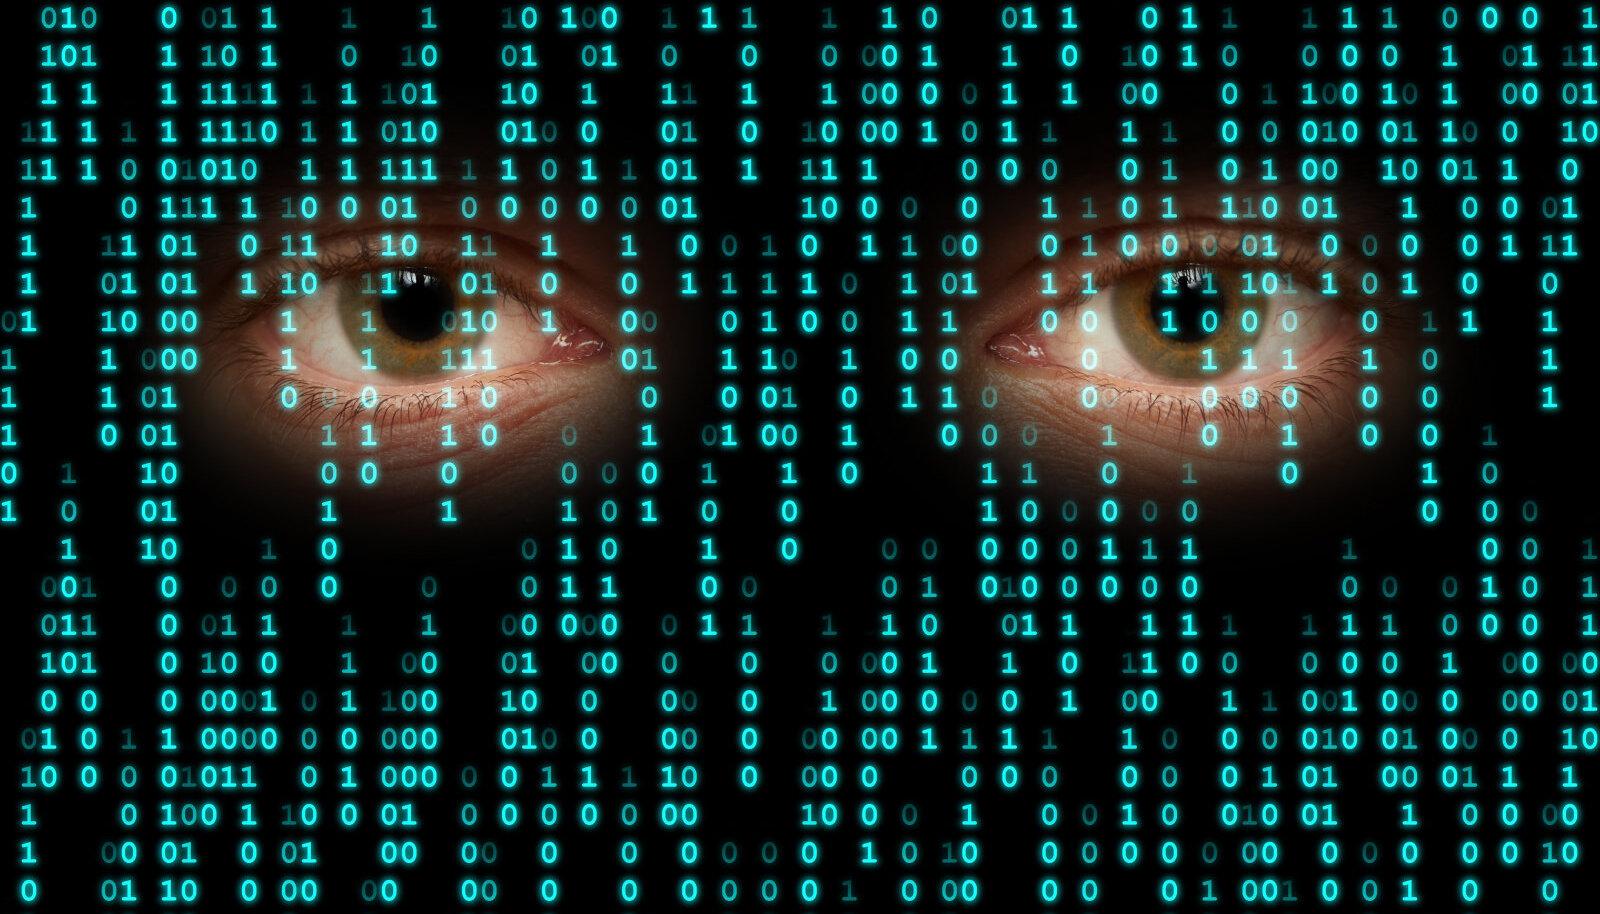 Eesti ametiasutused ei ole selgitanud, keda ohtlikku tehnoloogiat kasutades jälgitakse.